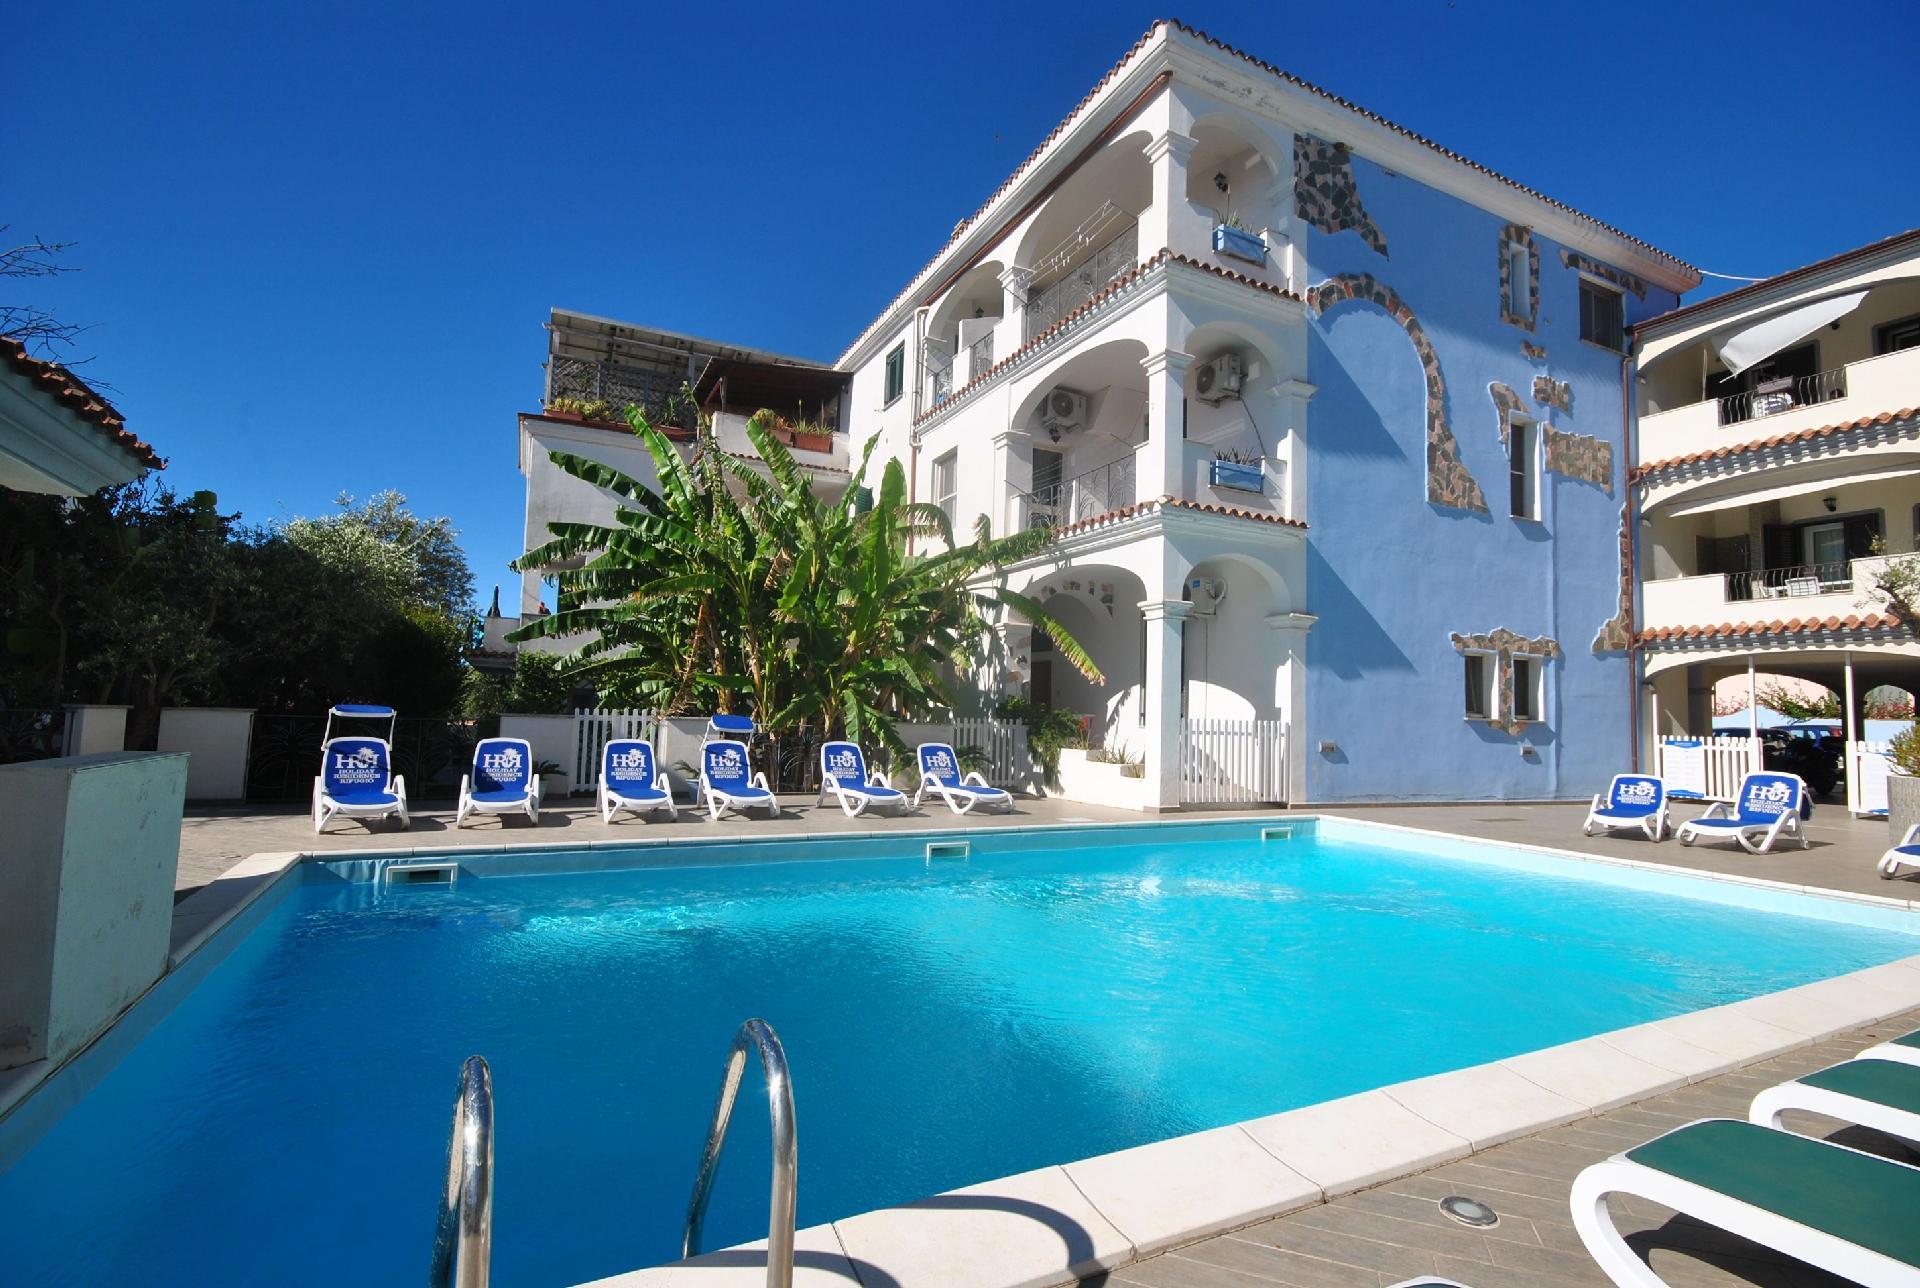 Ferienwohnung für 4 Personen ca. 65 m² i  in Italien